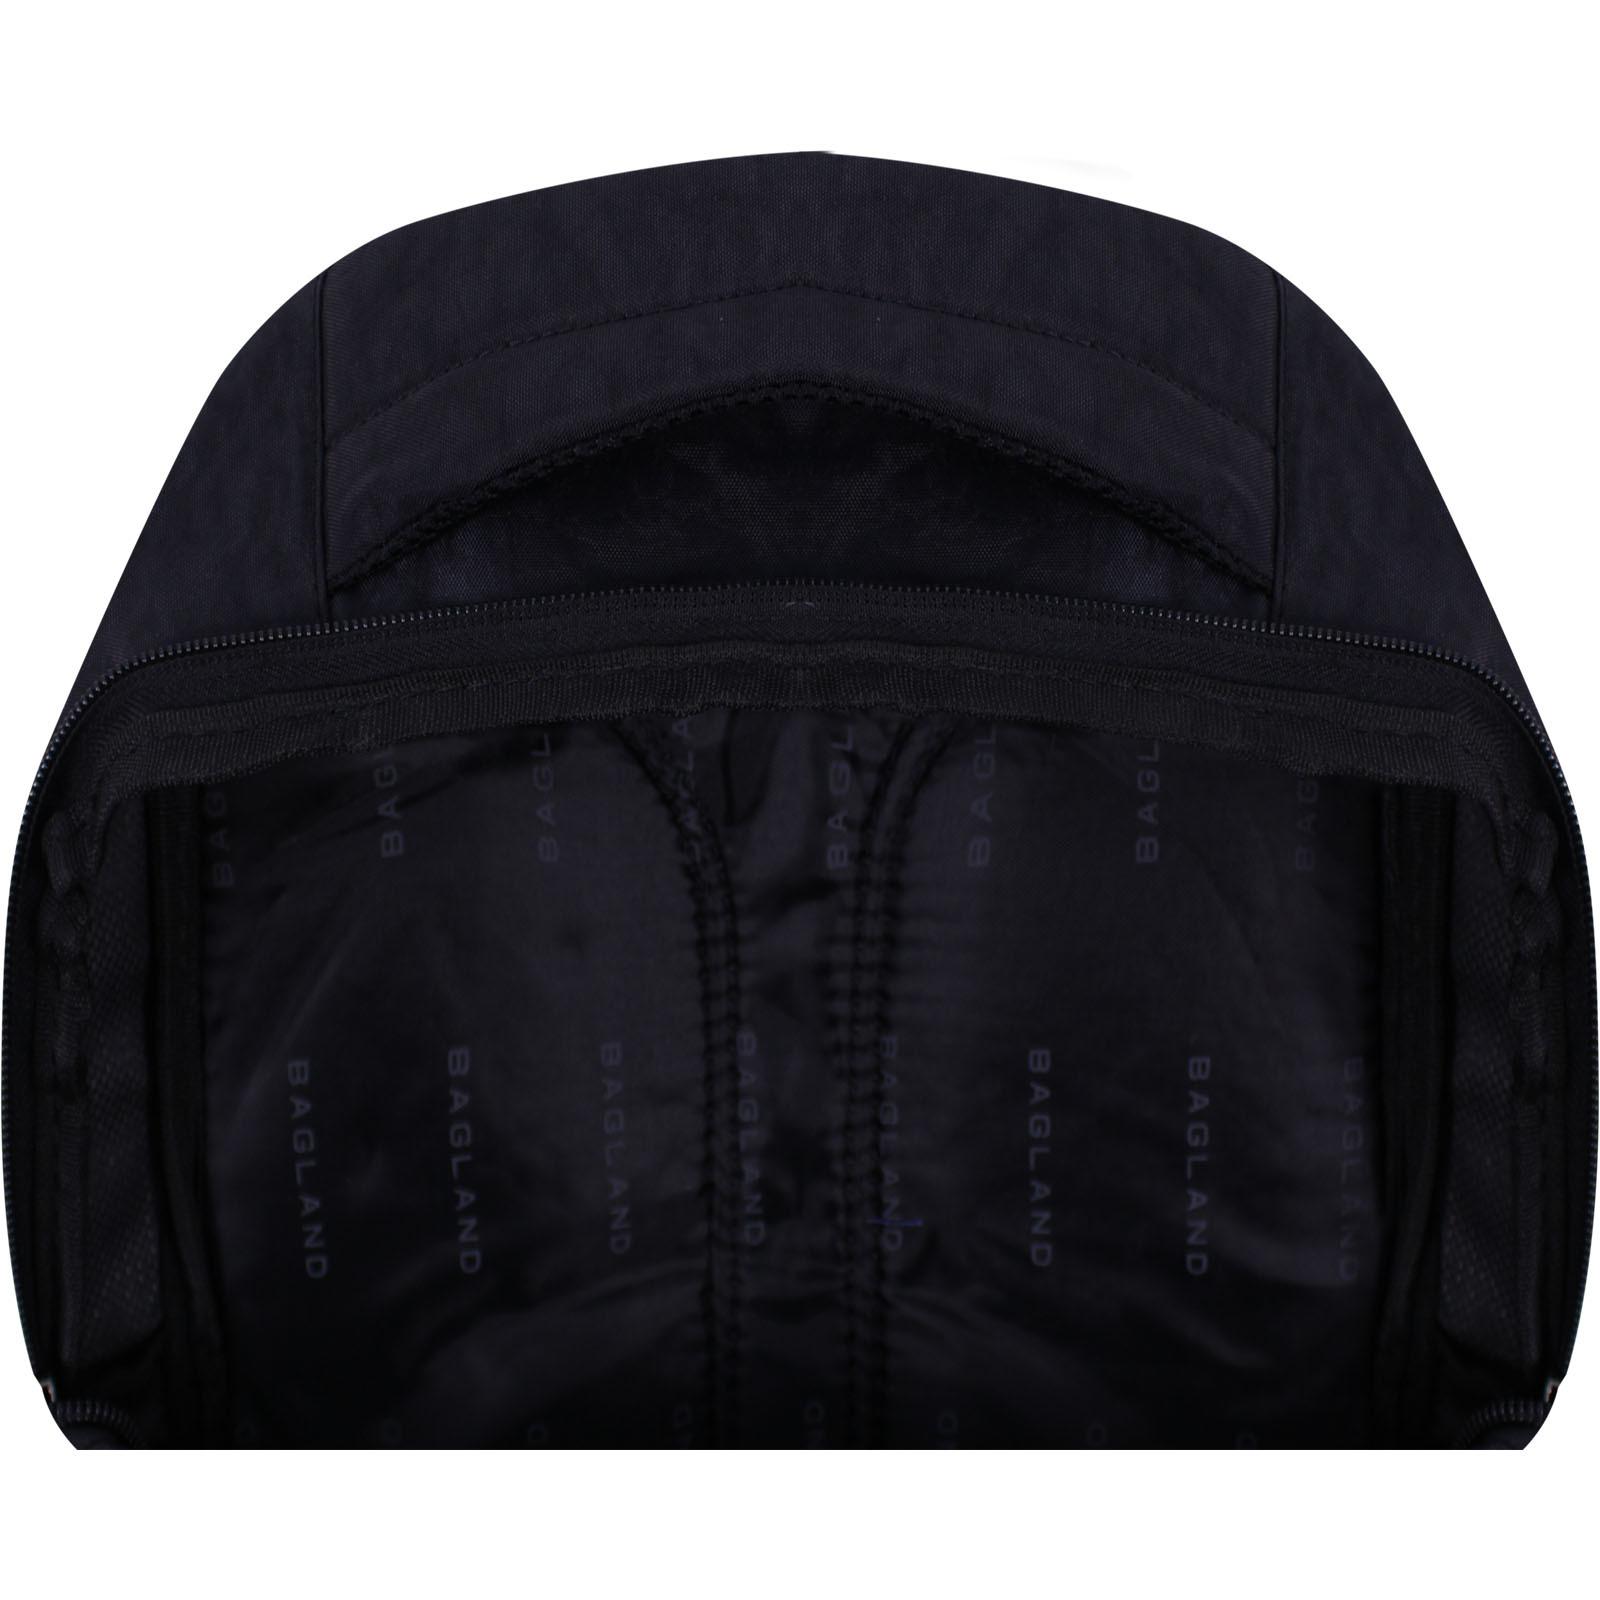 Рюкзак Bagland Лик 21 л. Чёрный (0055770)